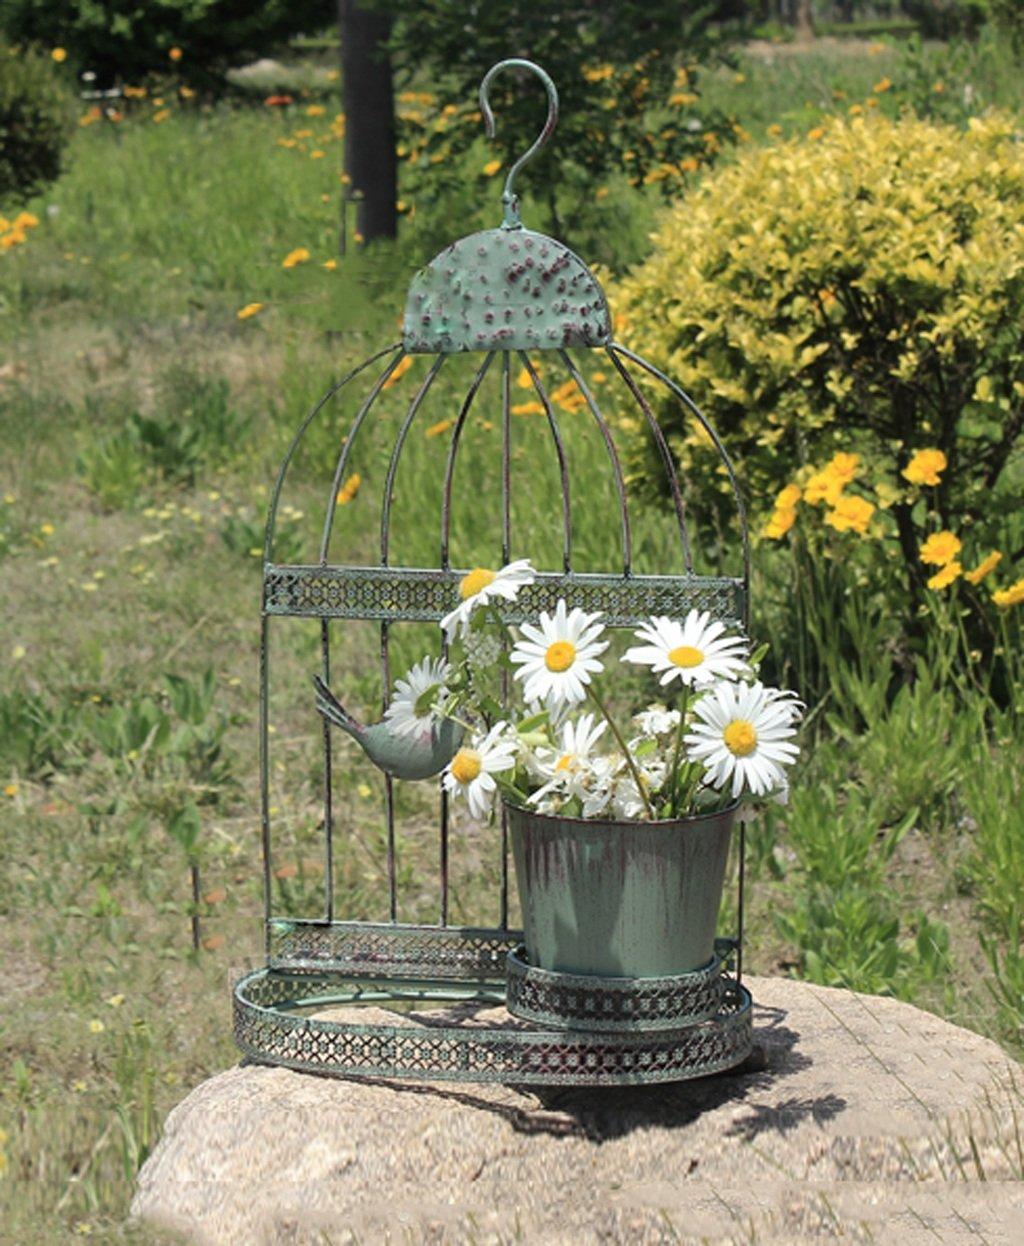 LB huajia ZHANWEI Vogel-Käfig-Blumen-Gestelle Europäische Art-Retro- Haus-Eisen-Wand-hängende Blumen-Zahnstangen-Fleisch-Pflanze-Blumen-Eimer-Dekoration-Dekoration